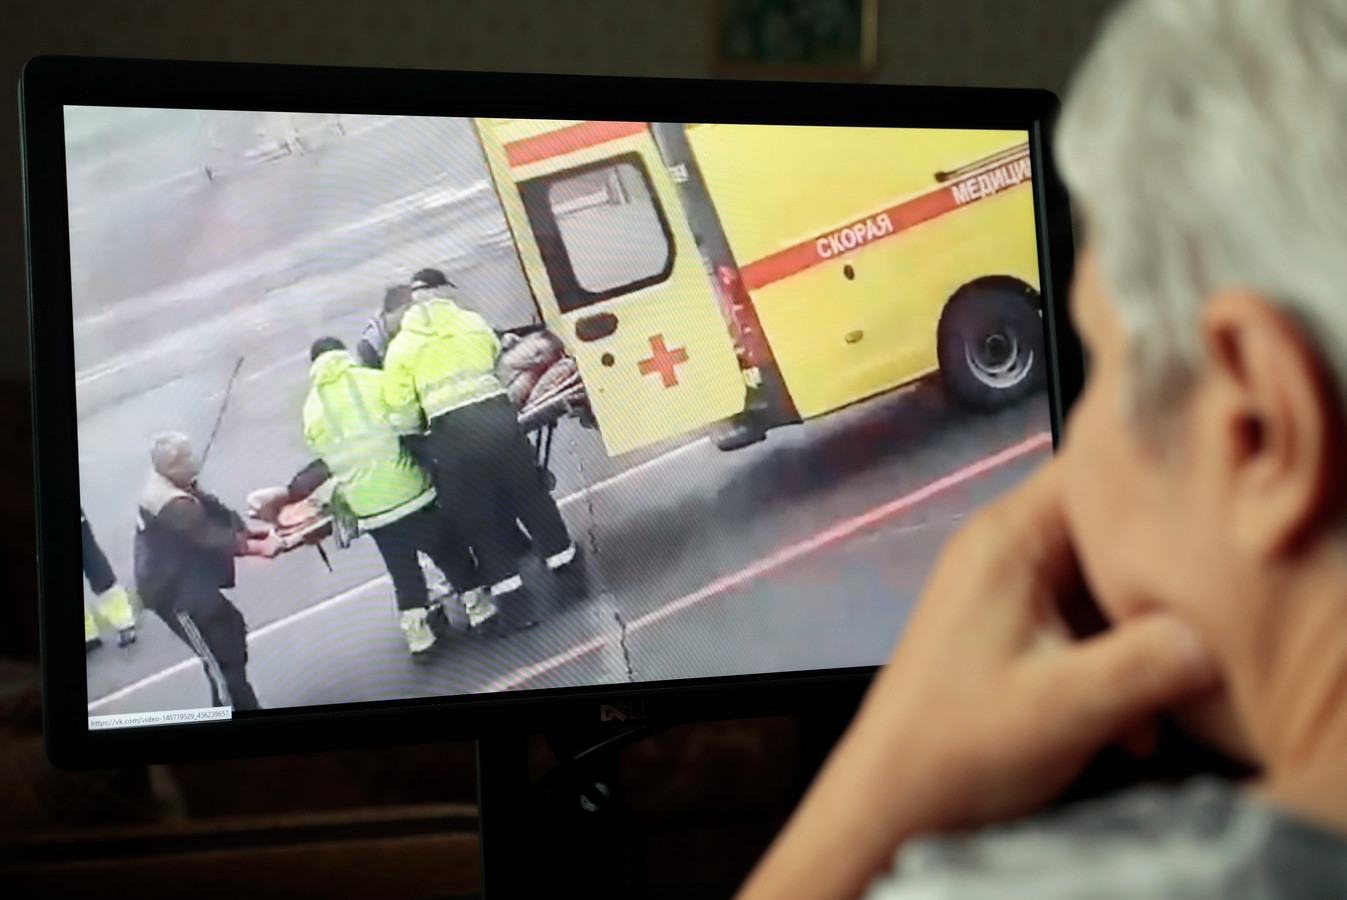 In een andere video die verspreid werd op sociale media zou te zien zijn hoe Navalny wordt afgevoerd met een ambulance.